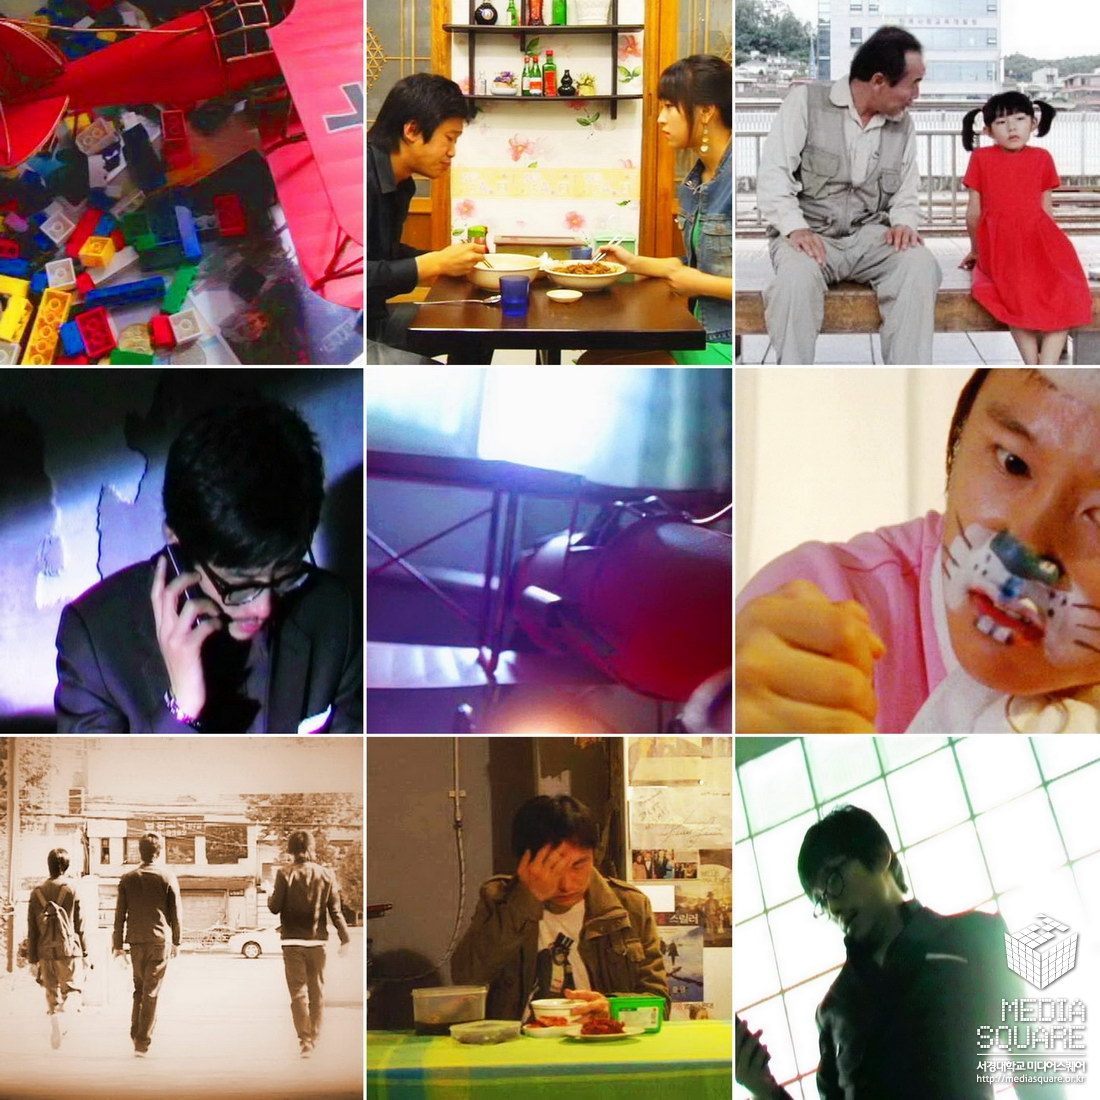 2012-04-056 - Copy (2).jpg